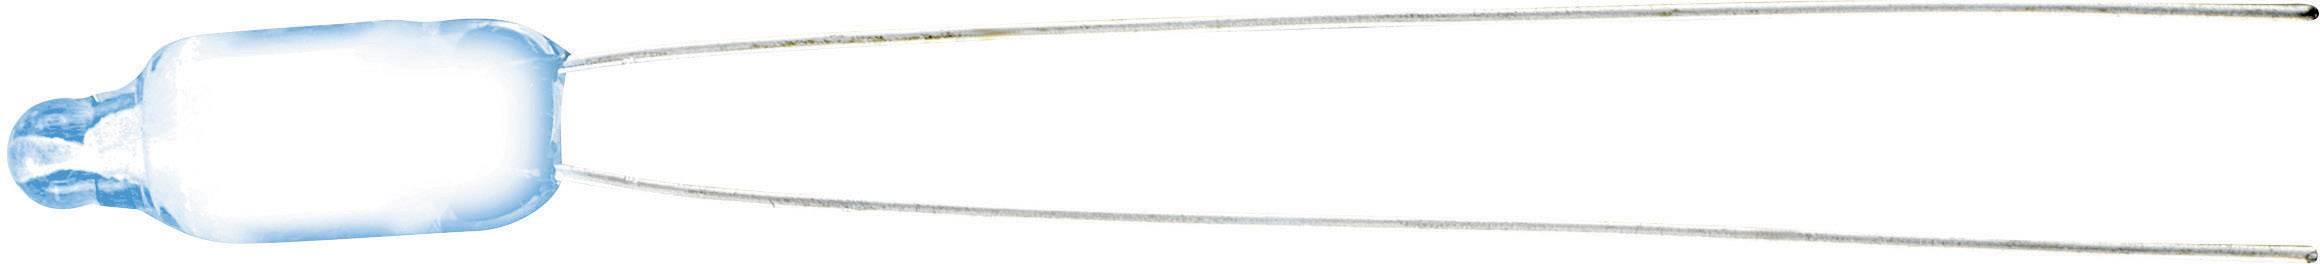 Doutnavka, 0,8 mA, 230 V, 6 x 16 mm, ledově modrá